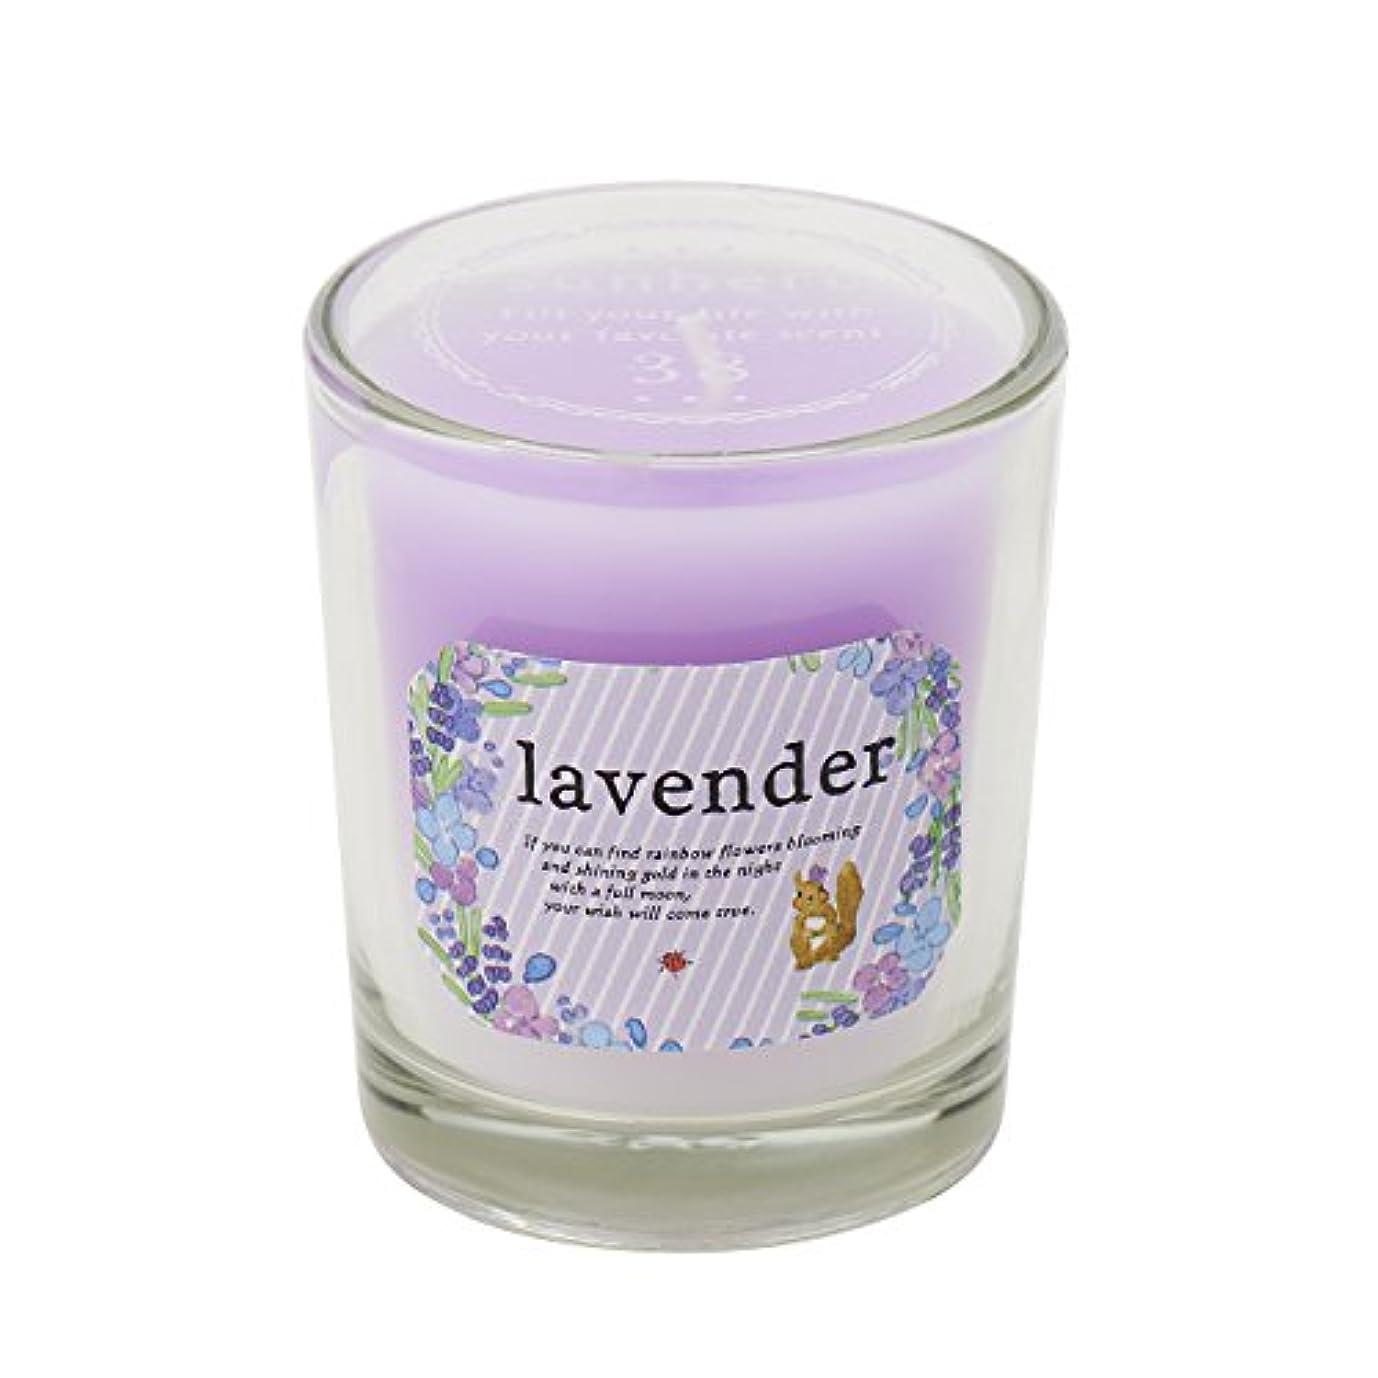 使用法ジャズ重要なサンハーブ グラスキャンドル ラベンダー 35g(グラデーションろうそく 燃焼時間約10時間 ふわっと爽やかなラベンダーの香り)